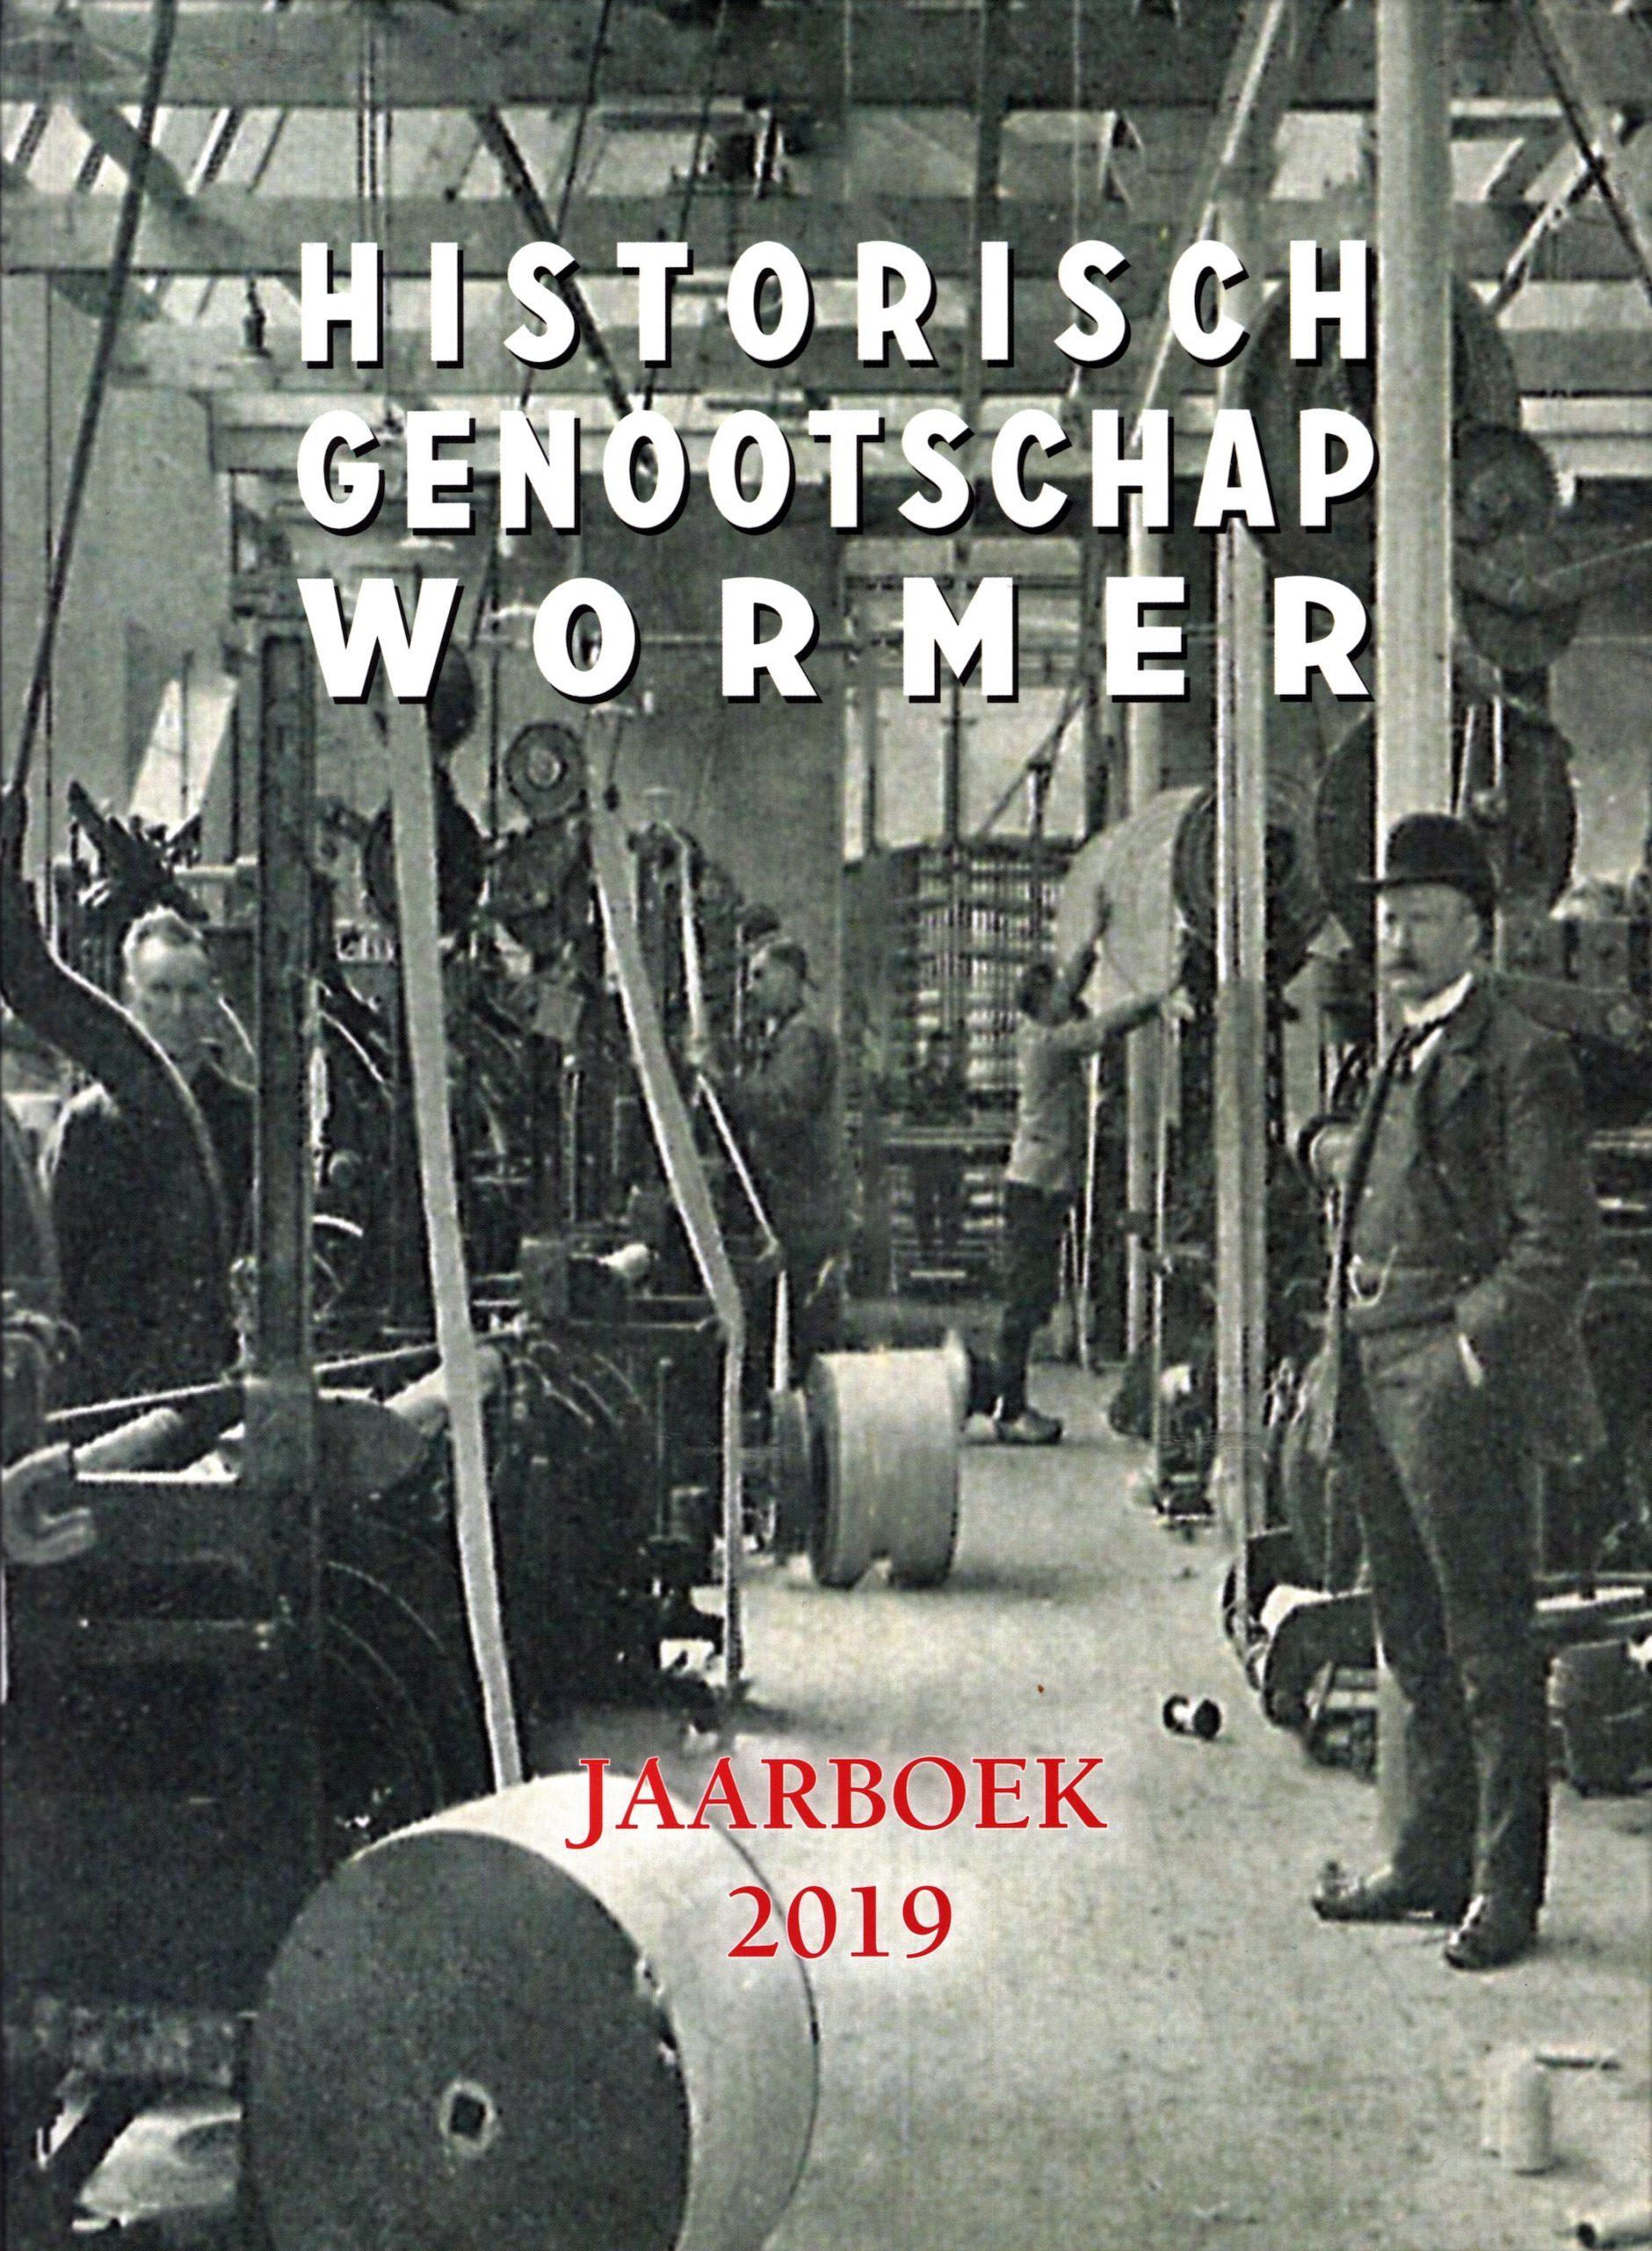 Historisch genootschap Wormer Jaarboek 2019